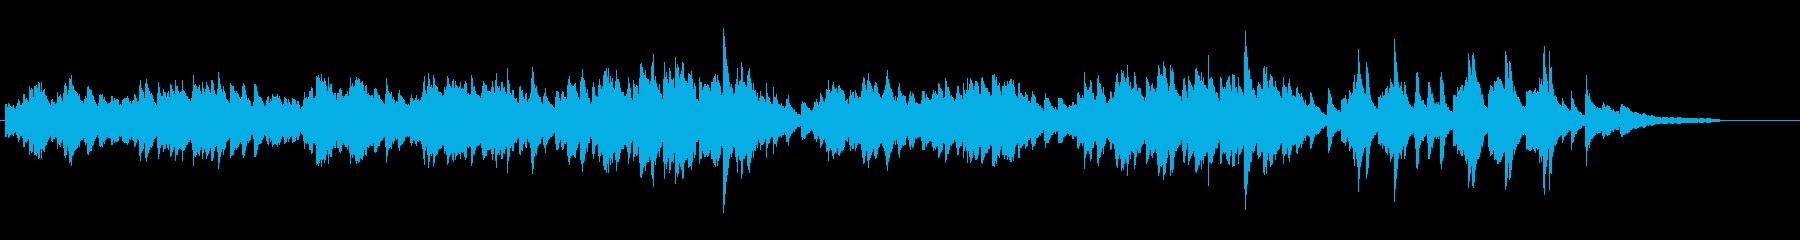 ブラームス、ワルツ第15番の再生済みの波形